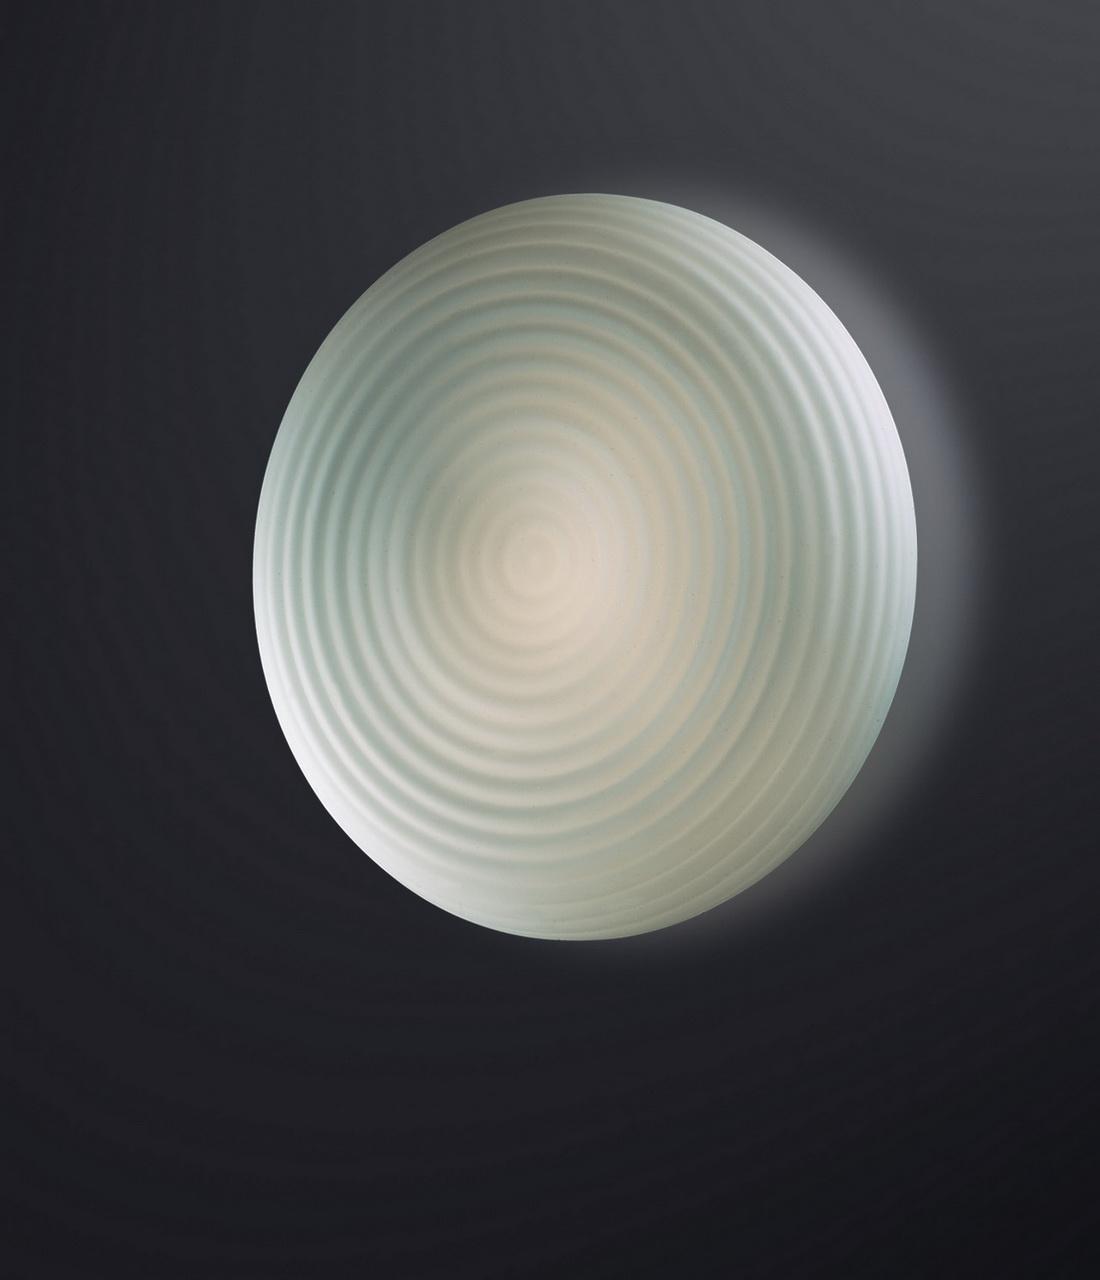 лучшая цена Потолочный светильник Odeon Light 2178/1C, белый